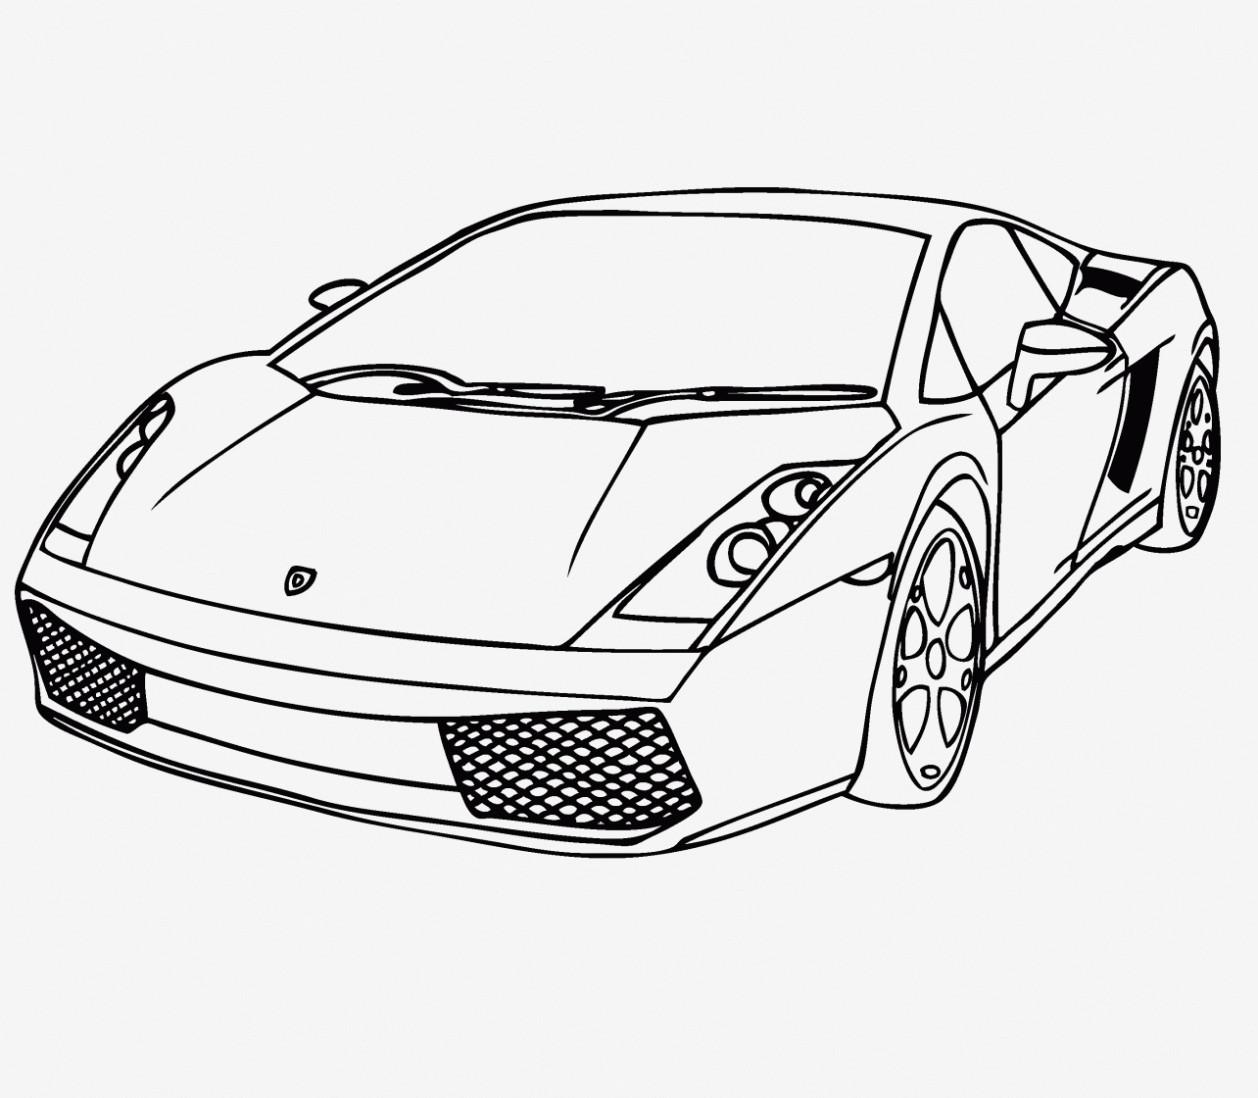 Ausmalbilder Autos Porsche Frisch 33 Elegant Malvorlage Auto Einfach – Malvorlagen Ideen Stock